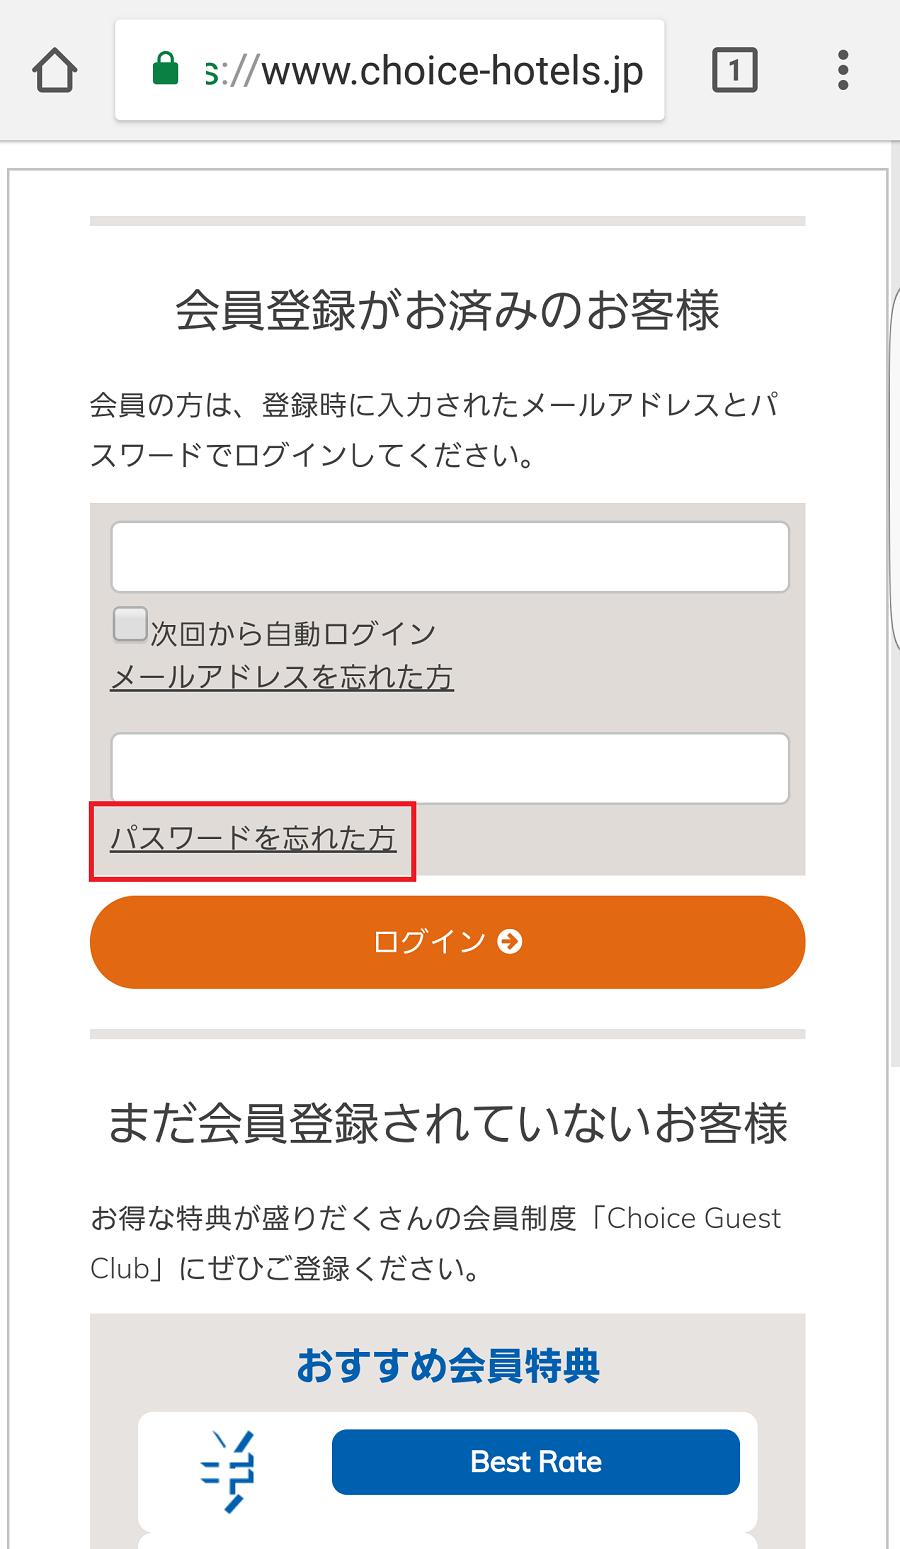 02【SP】パスワードを忘れた方